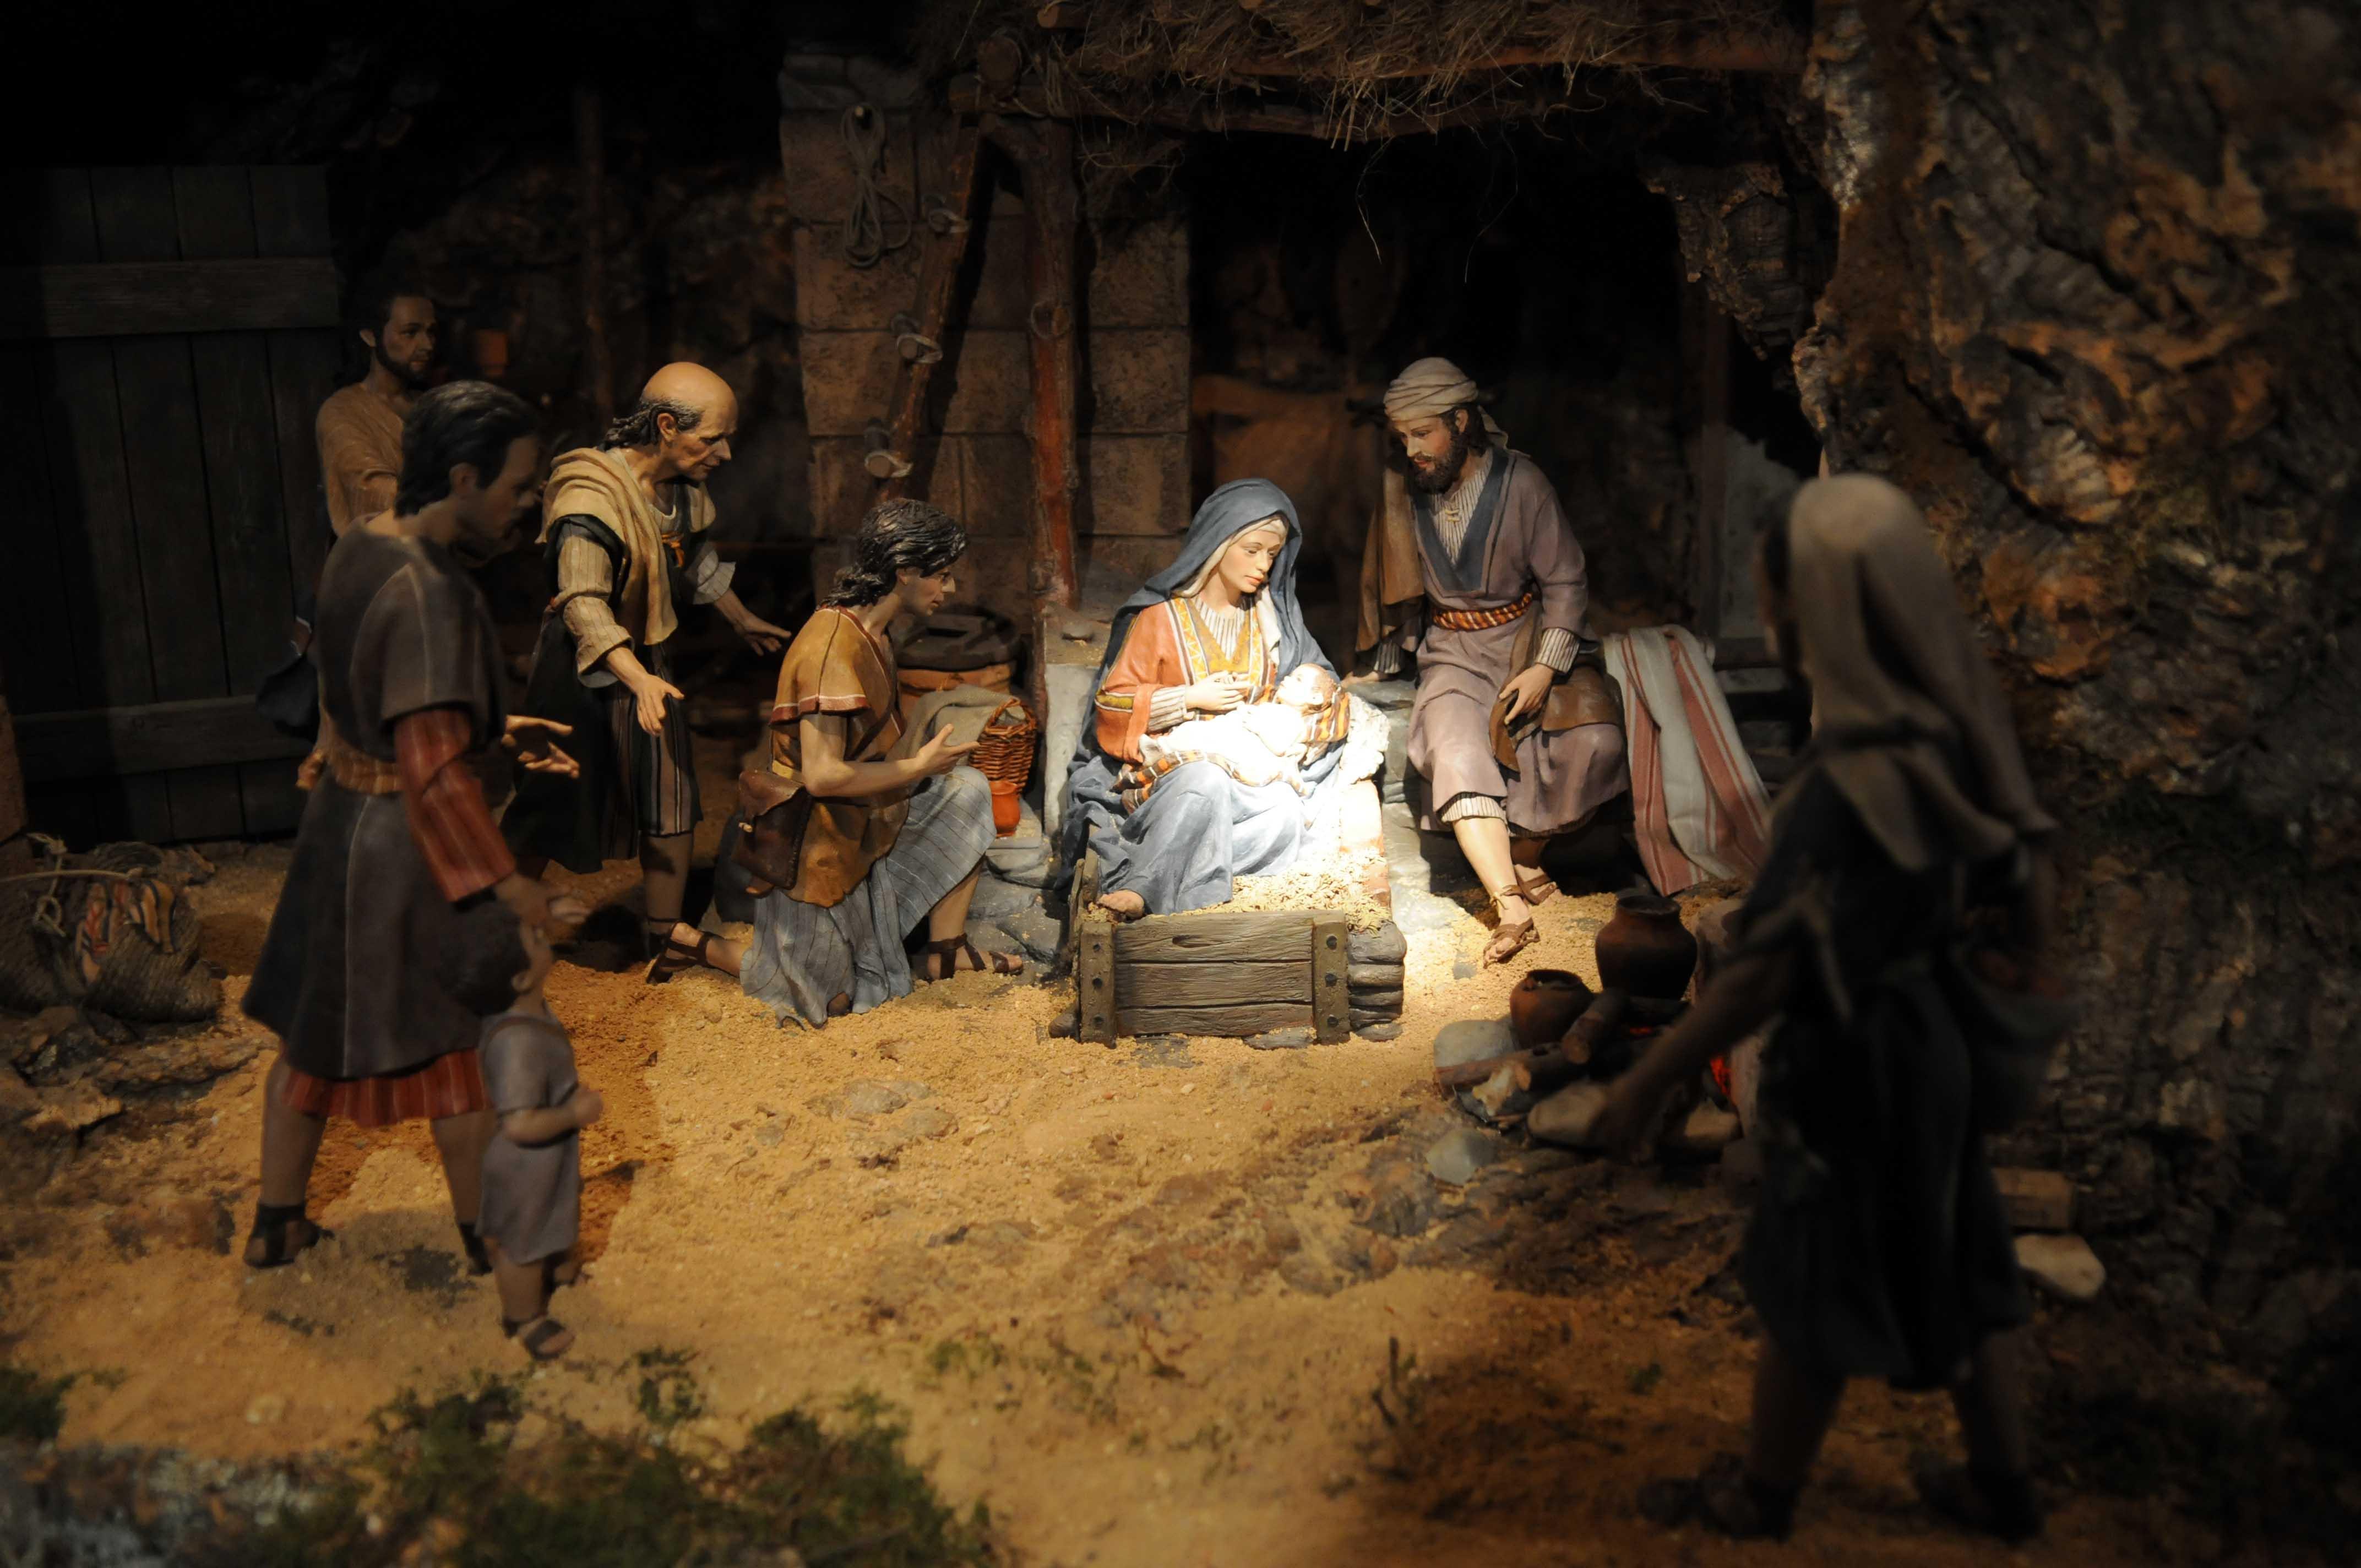 El bel n se mont en cibeles ayuntamiento de madrid for Nacimiento belen